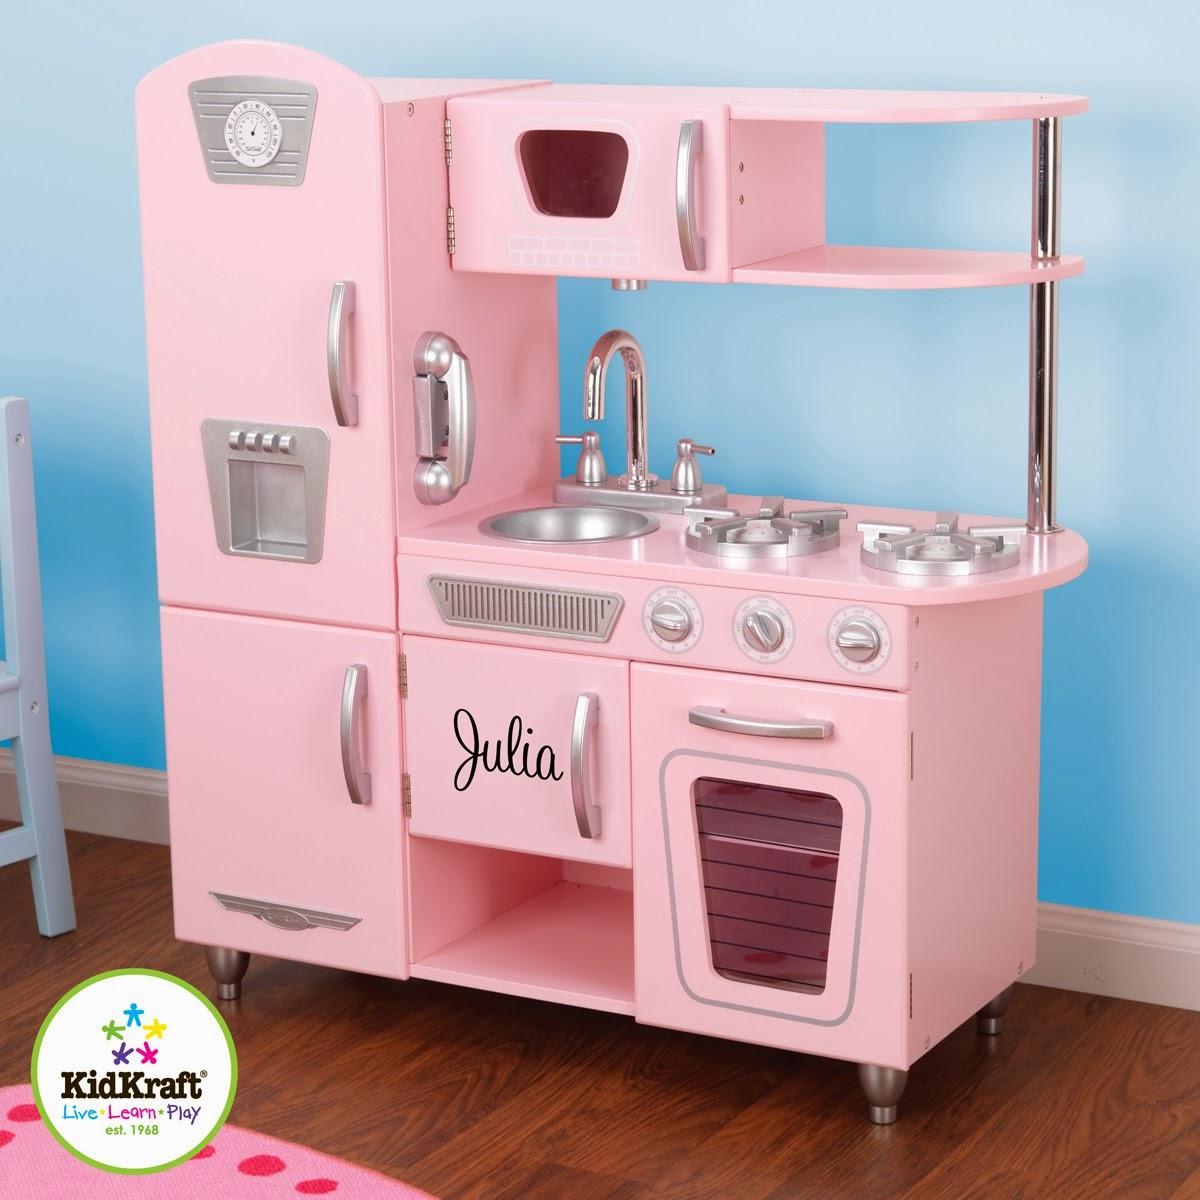 Kidkraft Navy Vintage Kitchen 53296 Lights Menards Wooden Children 39s Toys Toy Play